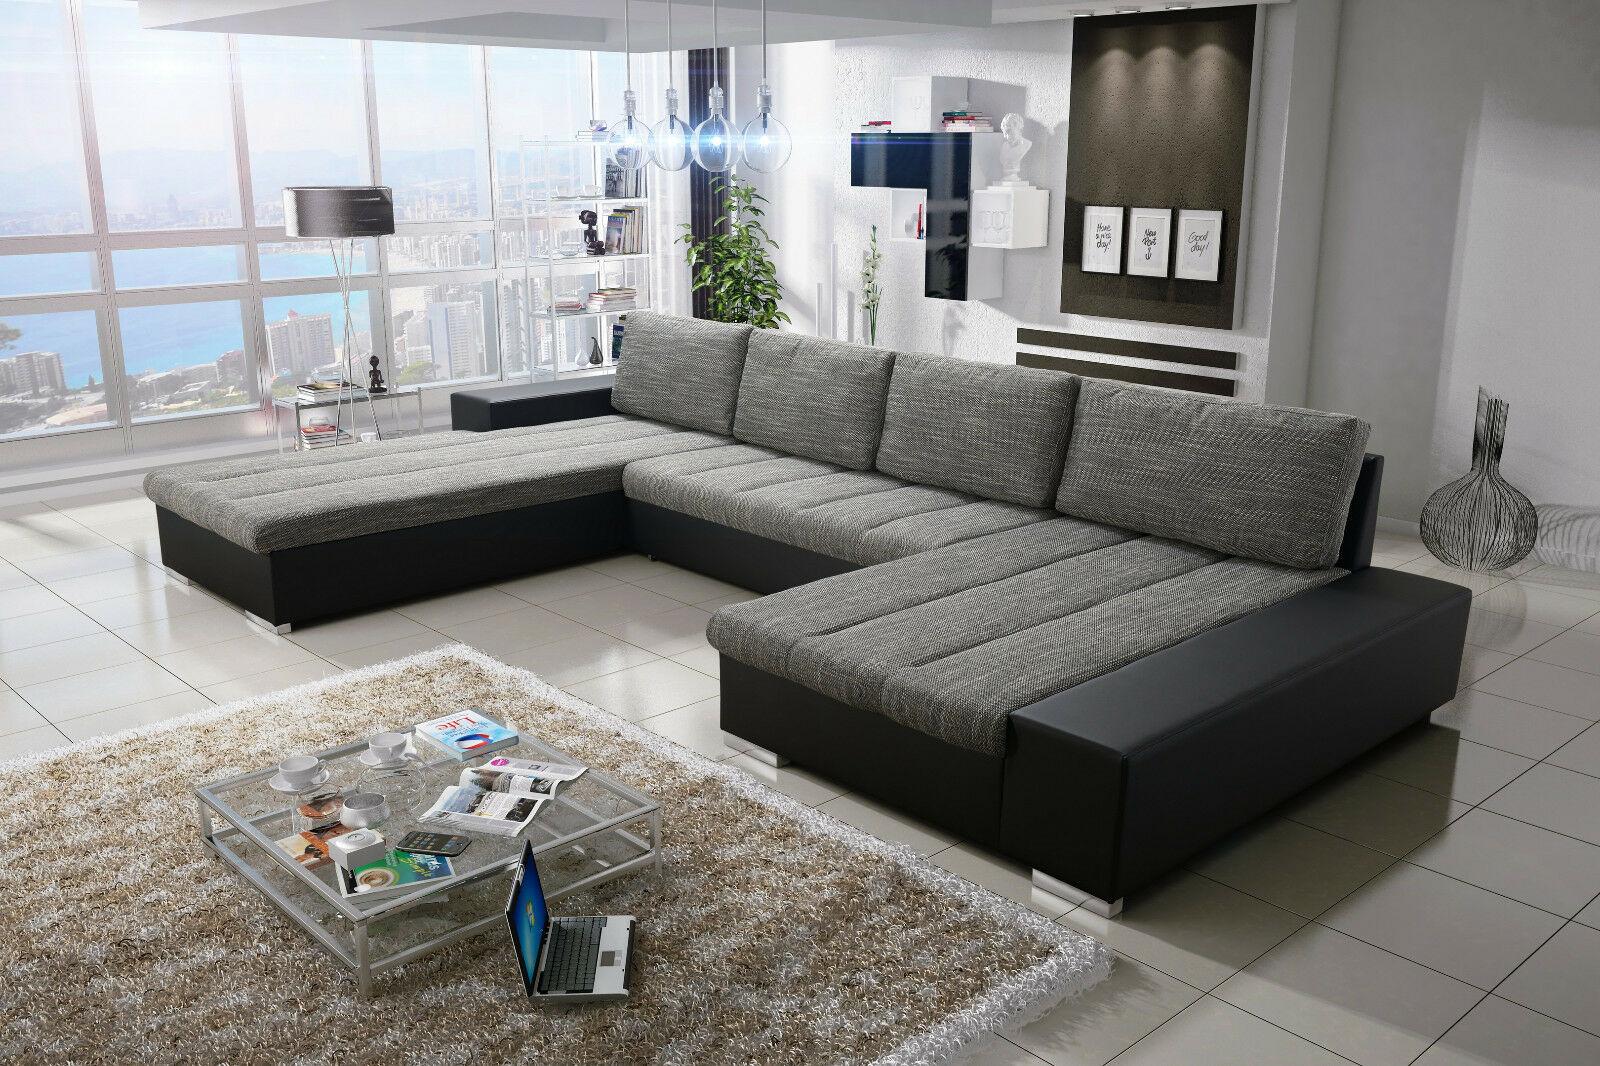 Verona U Sofa Couchgarnitur Couch Sofagarnitur U Wohnlandschaft